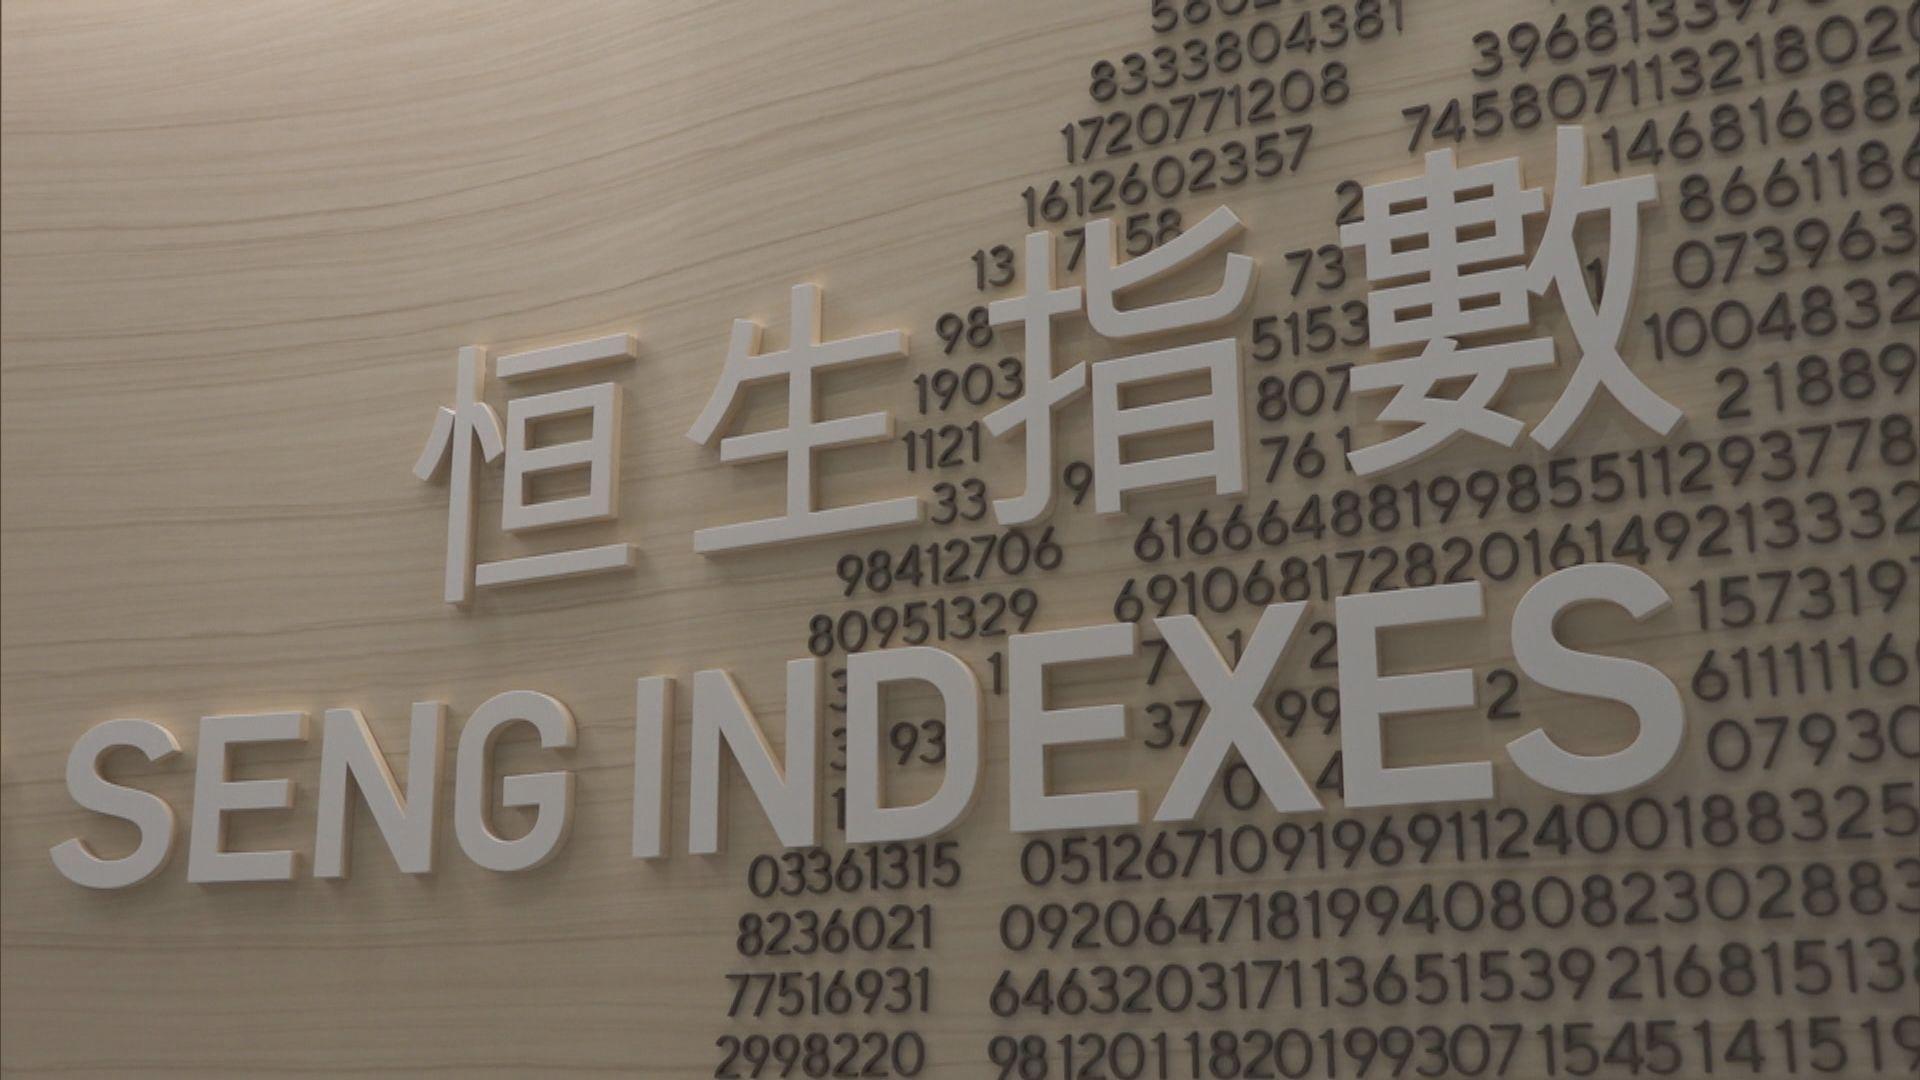 大摩:科技指數或更利好MSCI中國指數